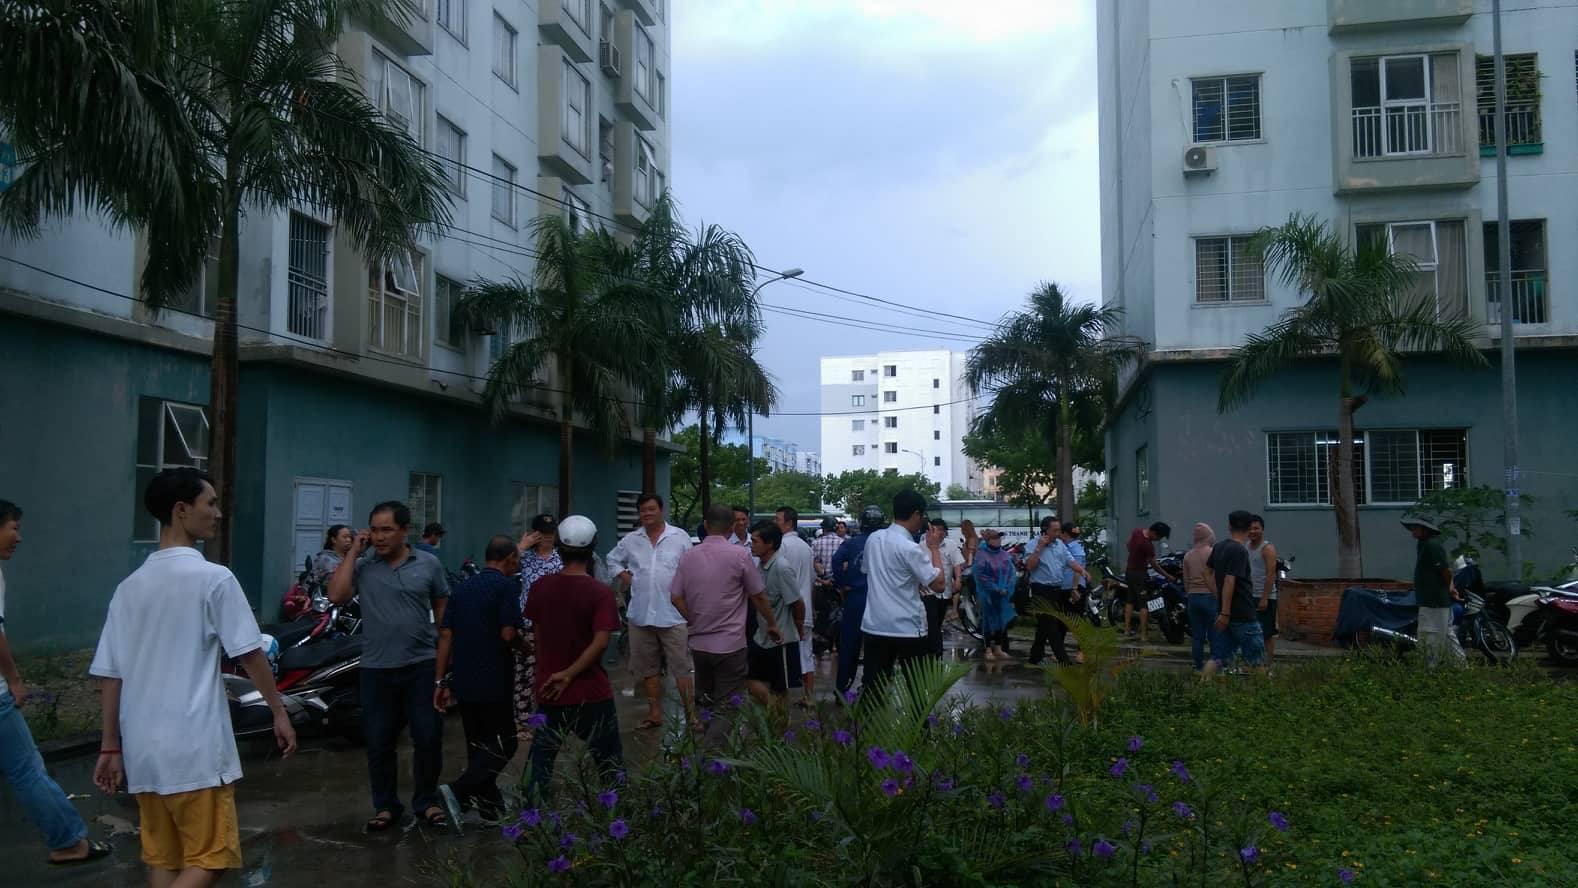 Cháy chung cư sau tiếng nổ lớn, hàng trăm người dân hoảng loạn tháo chạy - Ảnh 9.